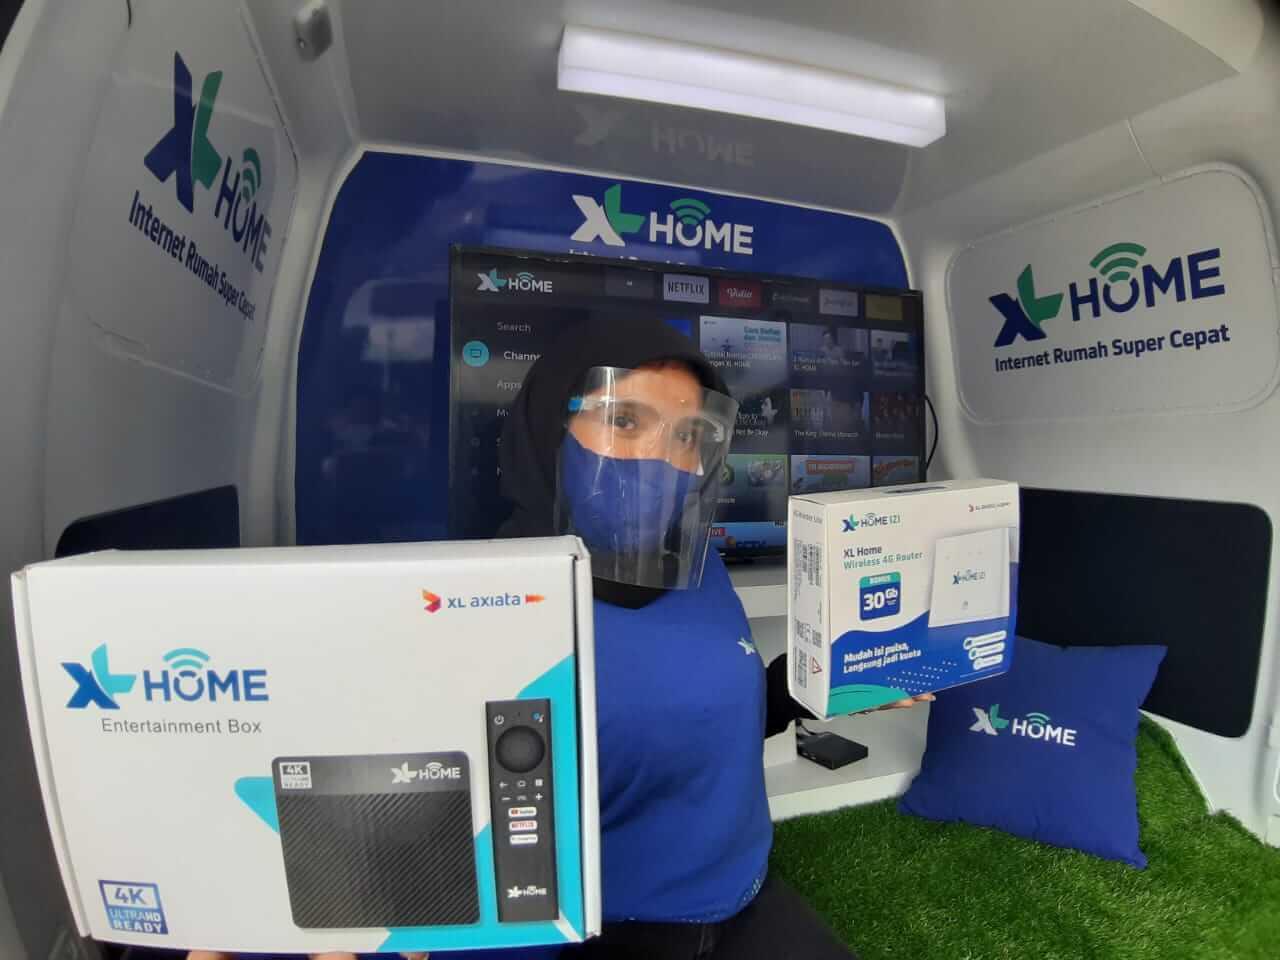 Layanan XL Home Kini Hadir di Kota Medan